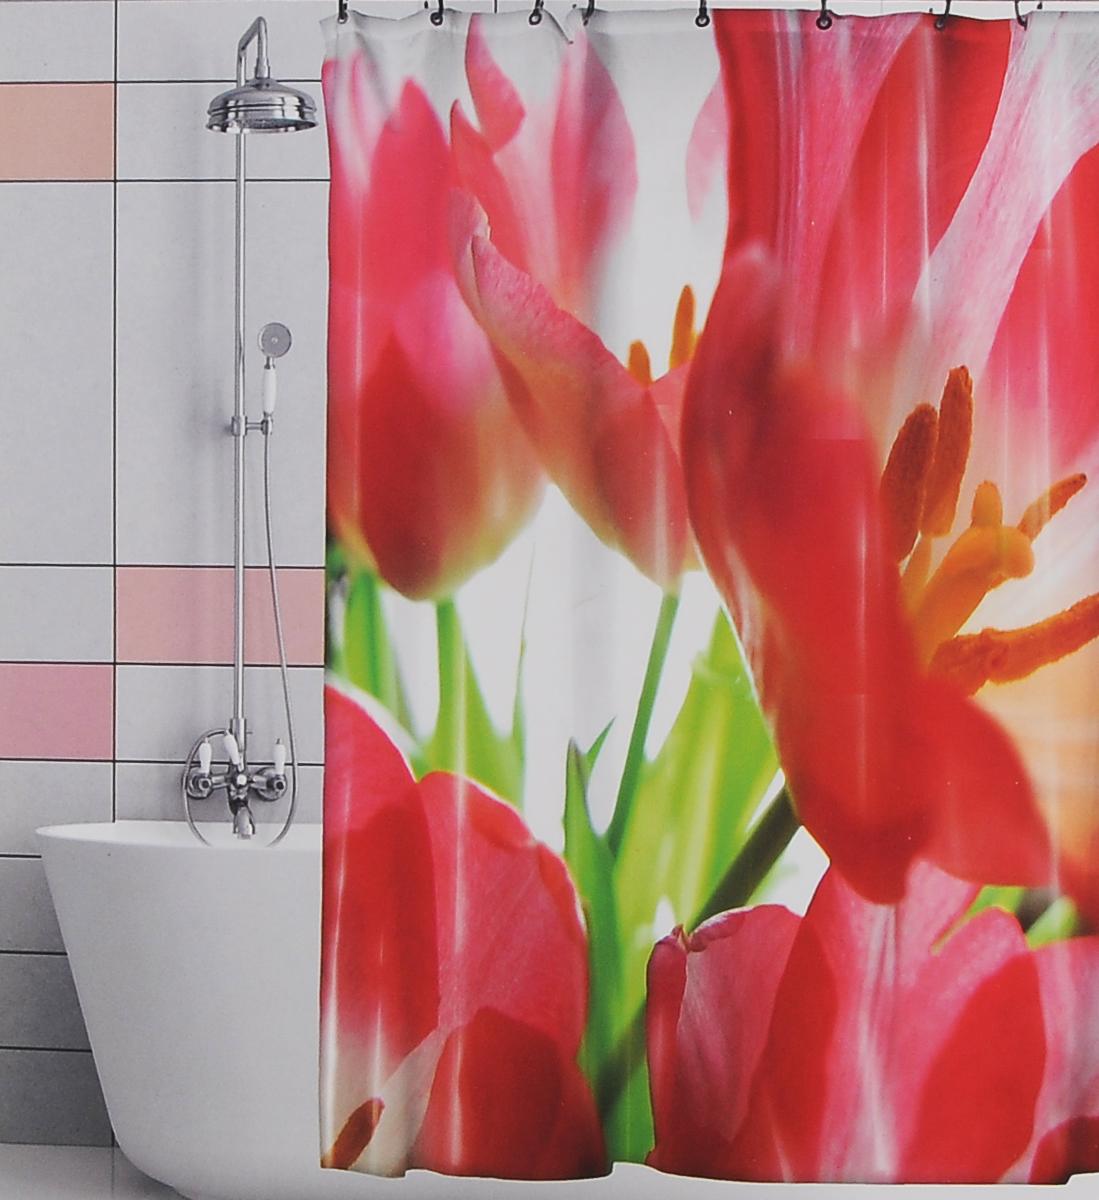 Штора для ванной Valiant Красные тюльпаны, цвет: белый, красный, 180 см х 180 см391602Штора для ванной комнаты Valiant Красные тюльпаны из 100% плотного полиэстера с водоотталкивающей поверхностью идеально защищает ванную комнату от брызг.В верхней кромке шторы предусмотрены отверстия для пластиковых колец (входят в комплект), а в нижней кромке шторы скрыт гибкий шнур, который поддерживает ее в естественной расправленной форме.Штору можно легко почистить мягкой губкой с мылом или постирать ее с мягким моющим средством в деликатном режиме. Количество колец: 12 шт.